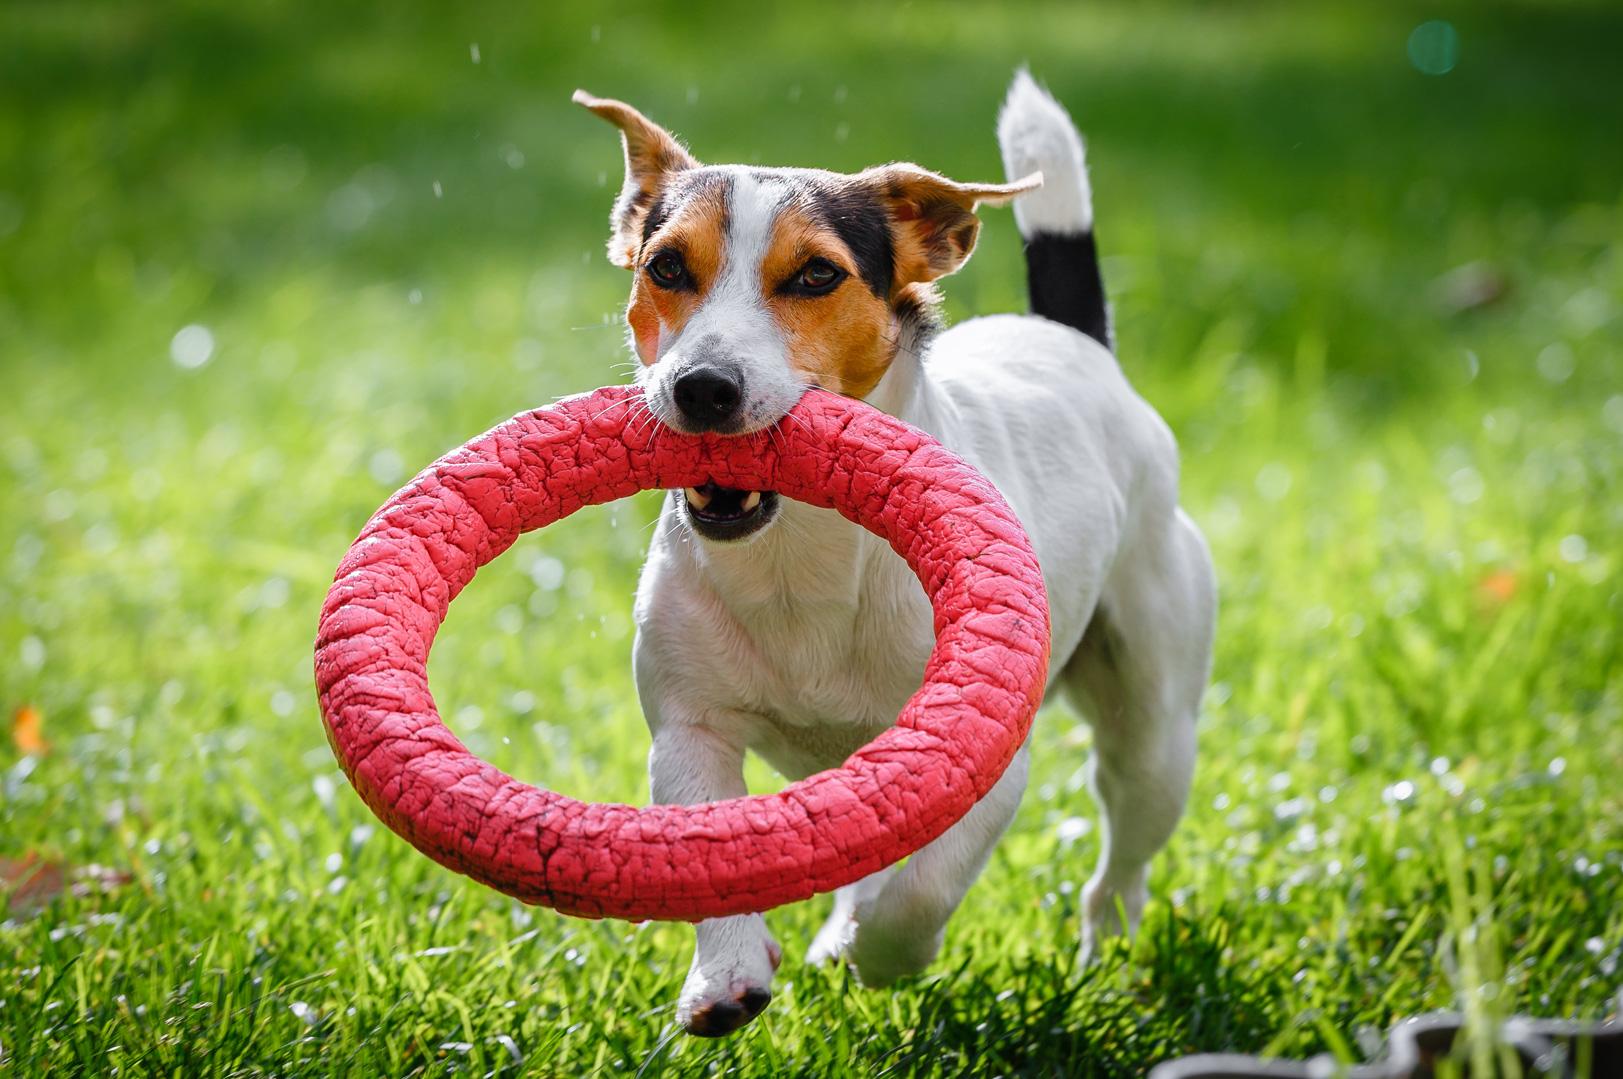 Jack Russell Terrier rennt mit Hundespielzeug auf der Wiese rum